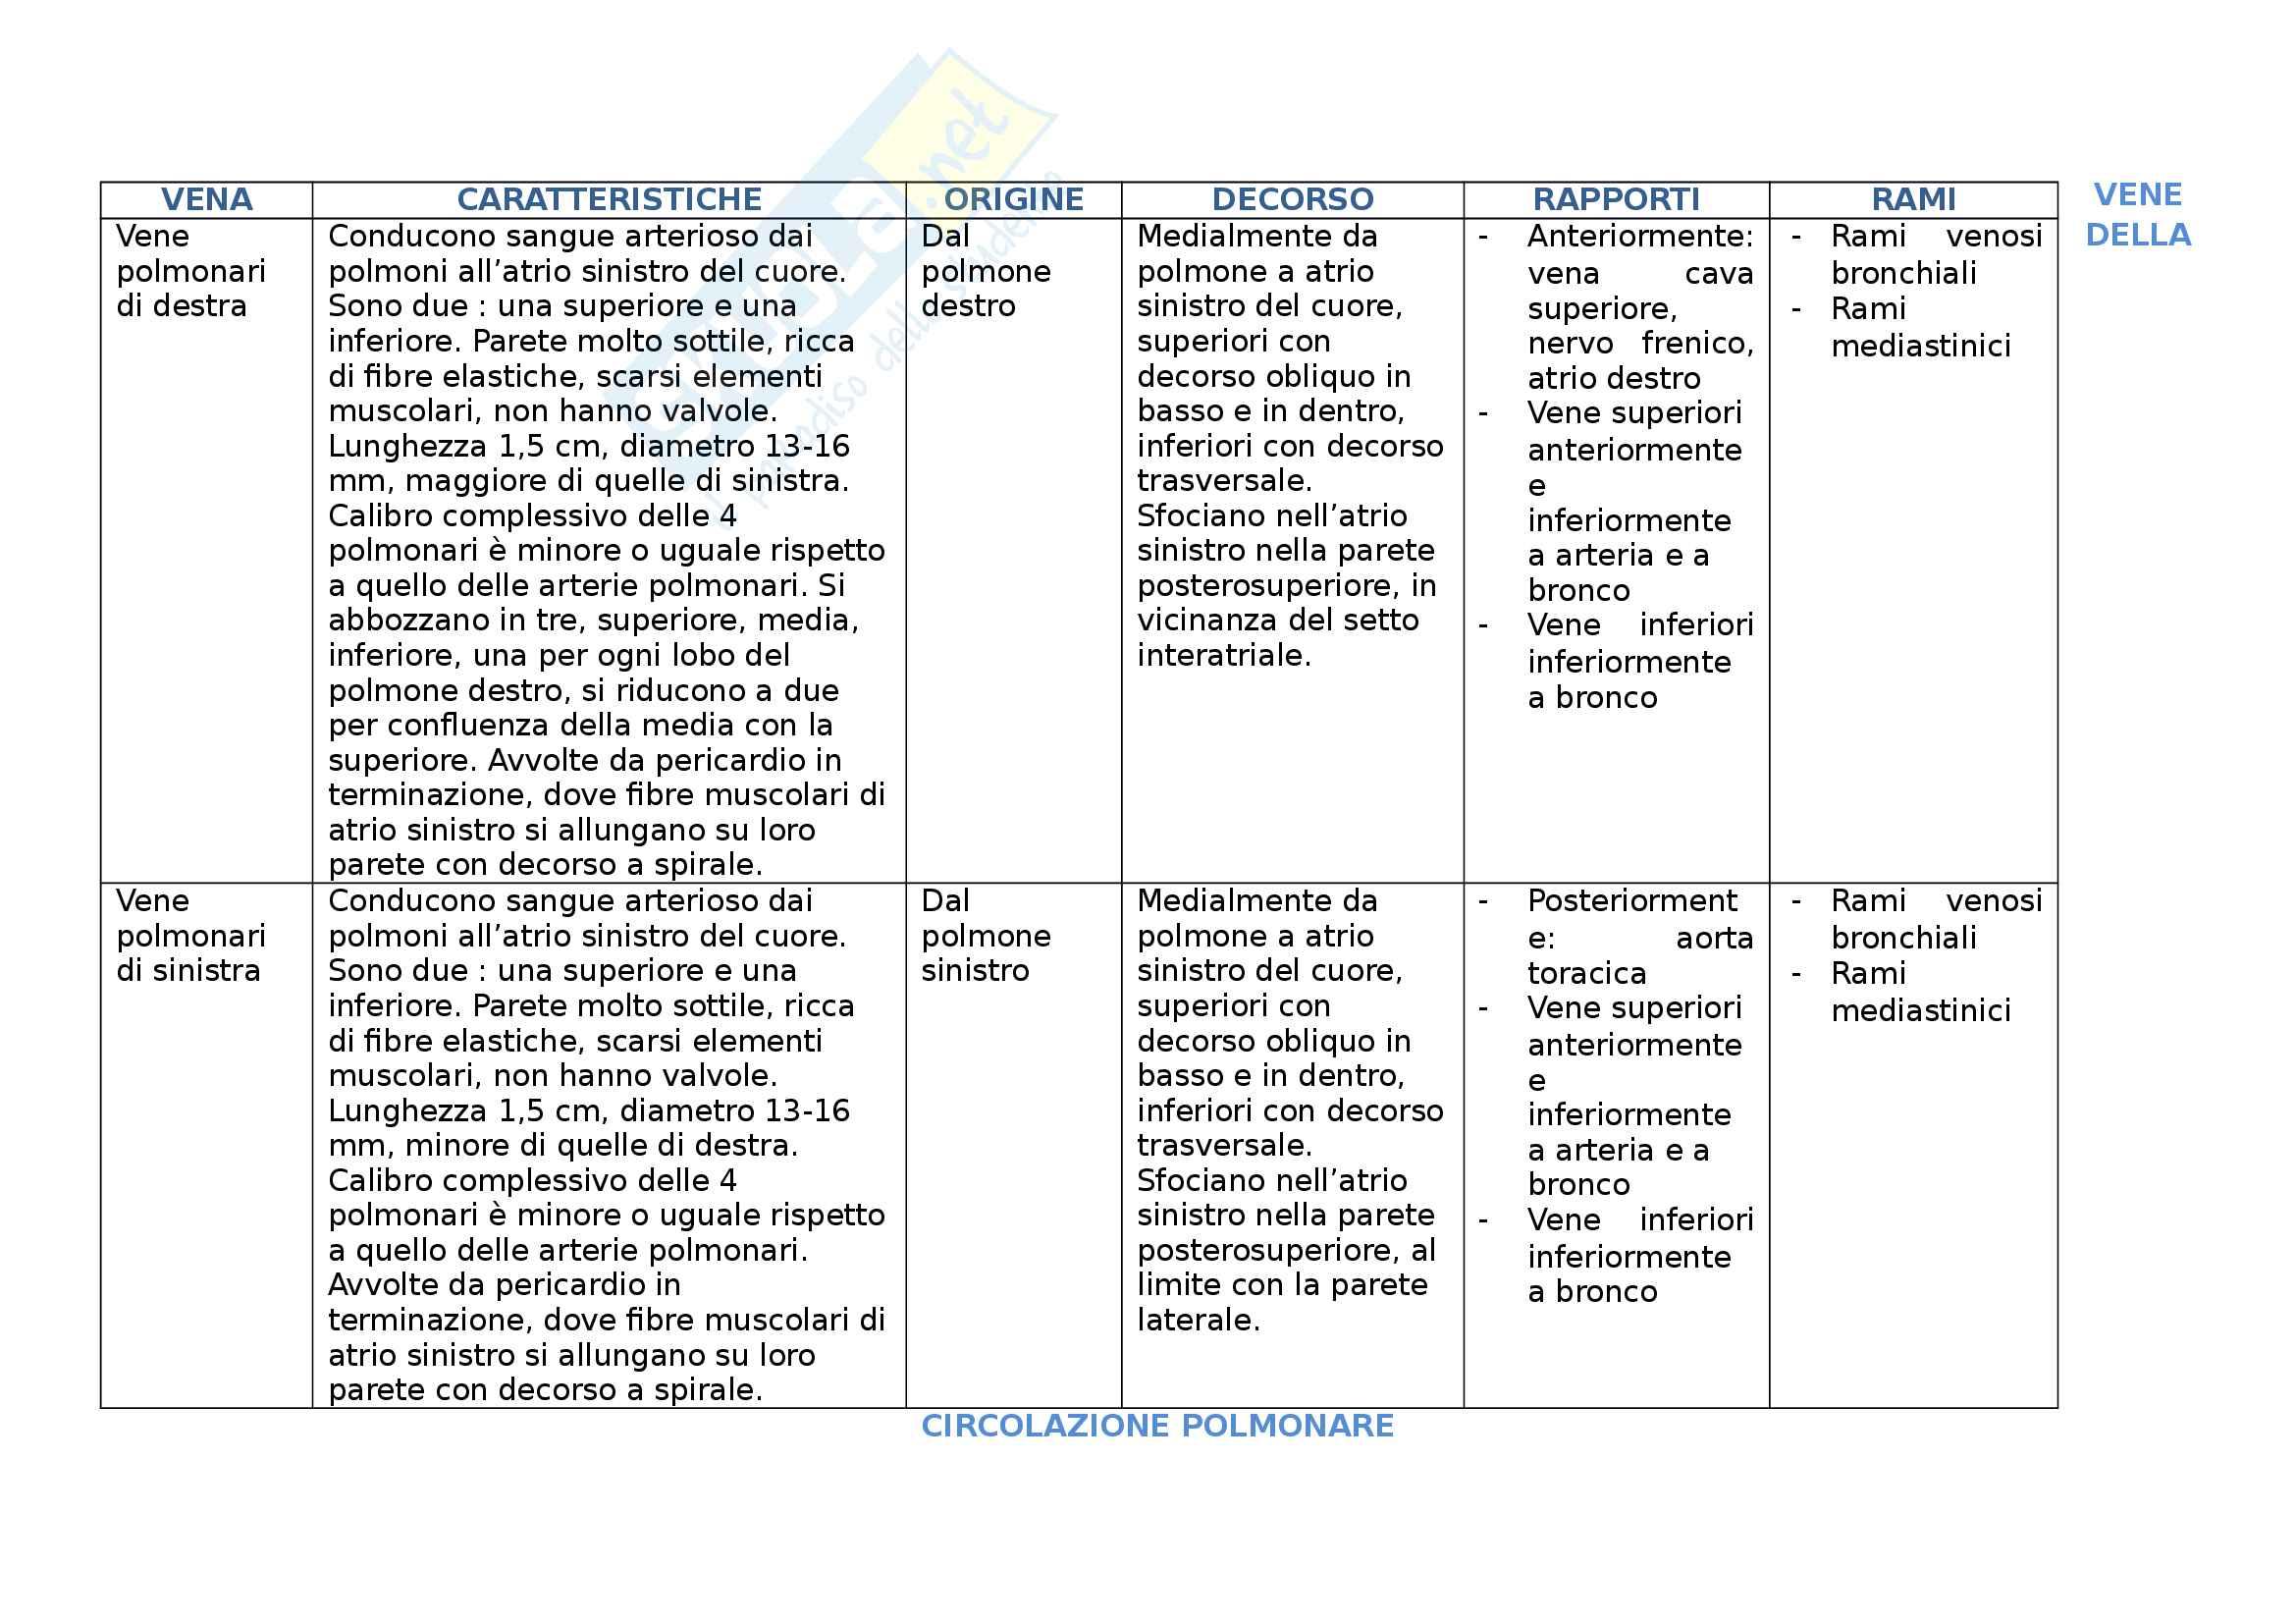 Vene - Tabella delle vene divise per sedi. Indicazione di posizione e caratteristiche Pag. 2